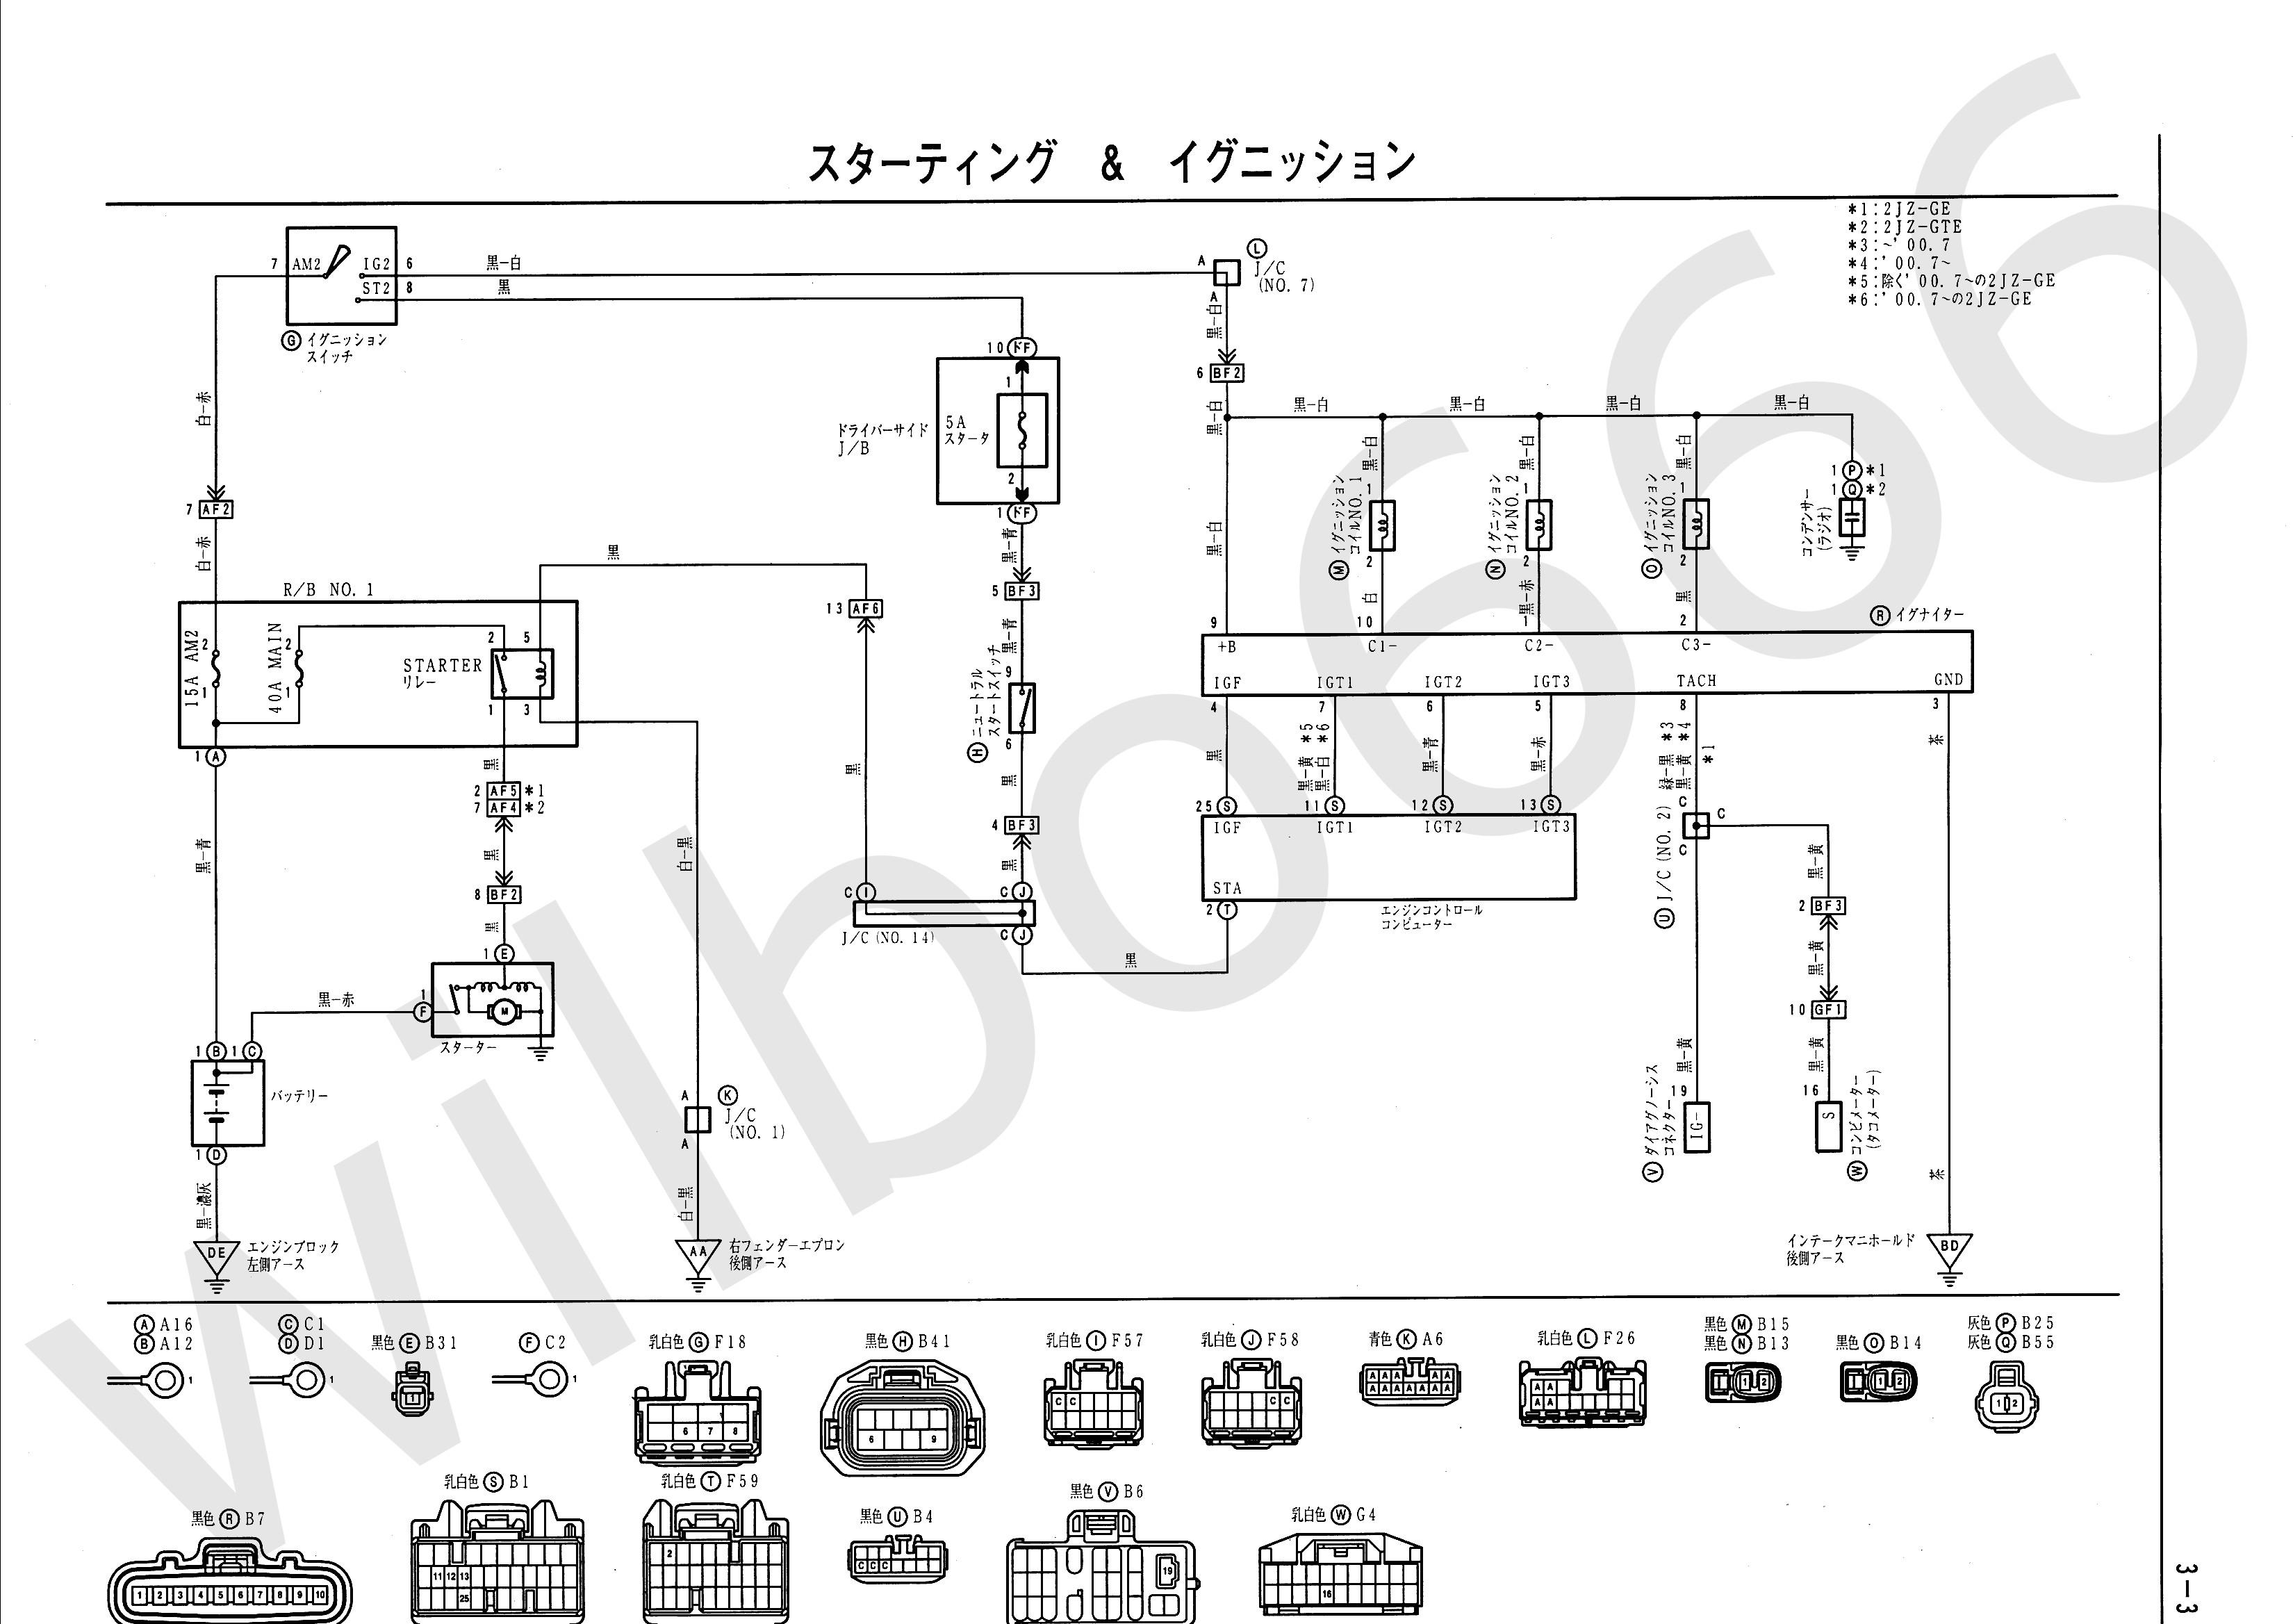 Oil Pressure Gauge Connection Diagram Wilbo666 2jz Gte Vvti Jzs161 Aristo Engine Wiring Of Oil Pressure Gauge Connection Diagram